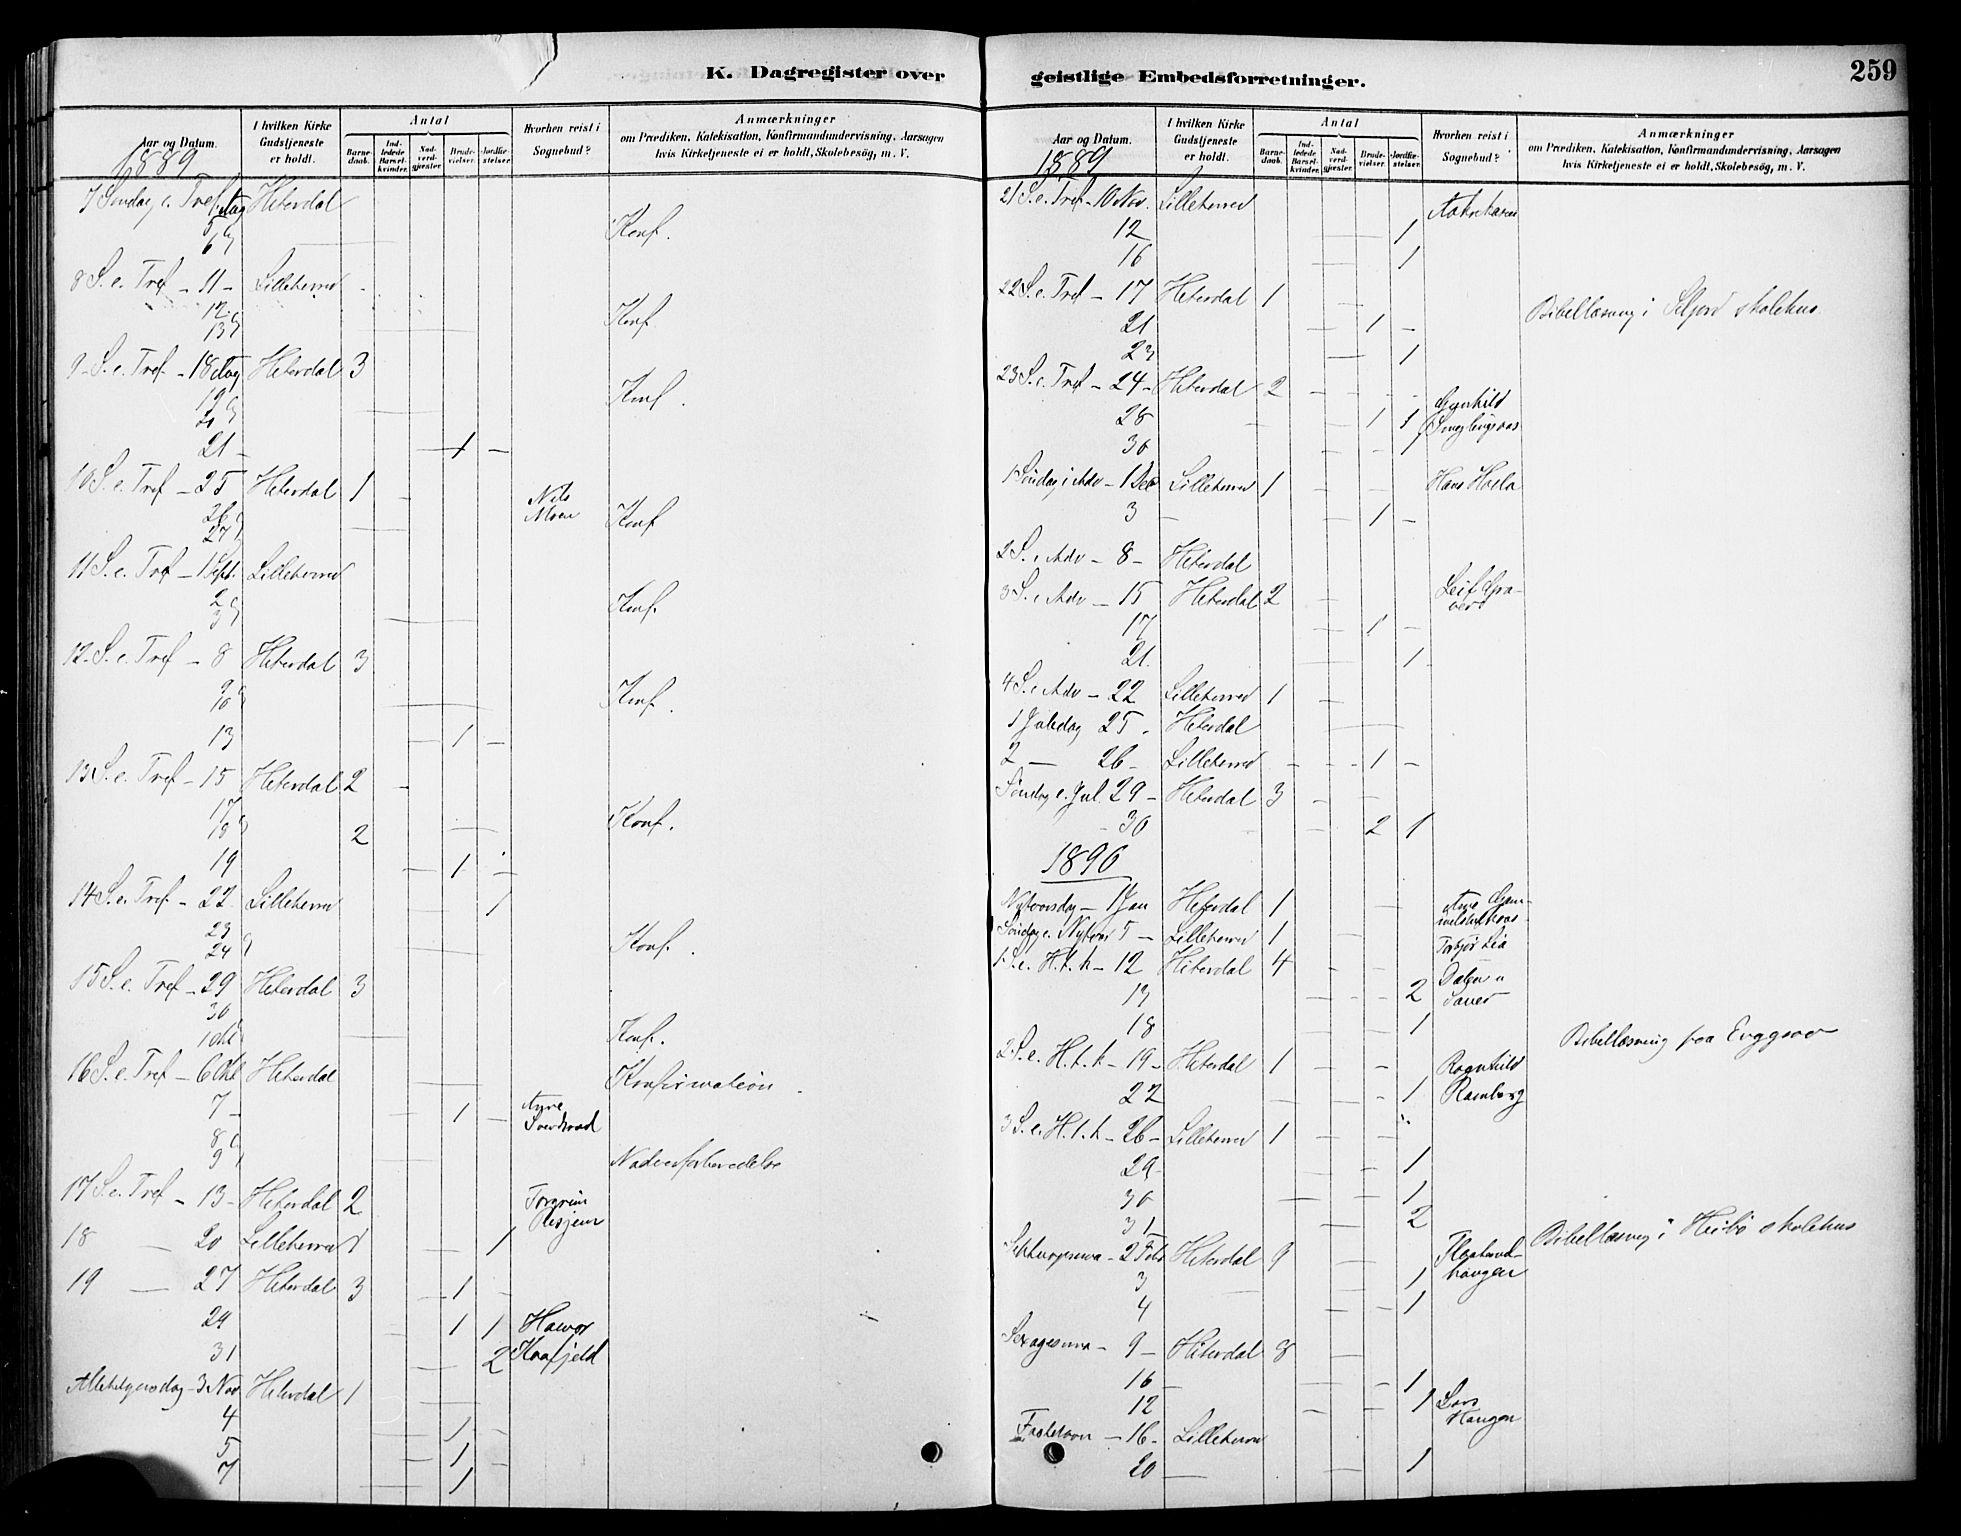 SAKO, Heddal kirkebøker, F/Fa/L0009: Ministerialbok nr. I 9, 1878-1903, s. 259